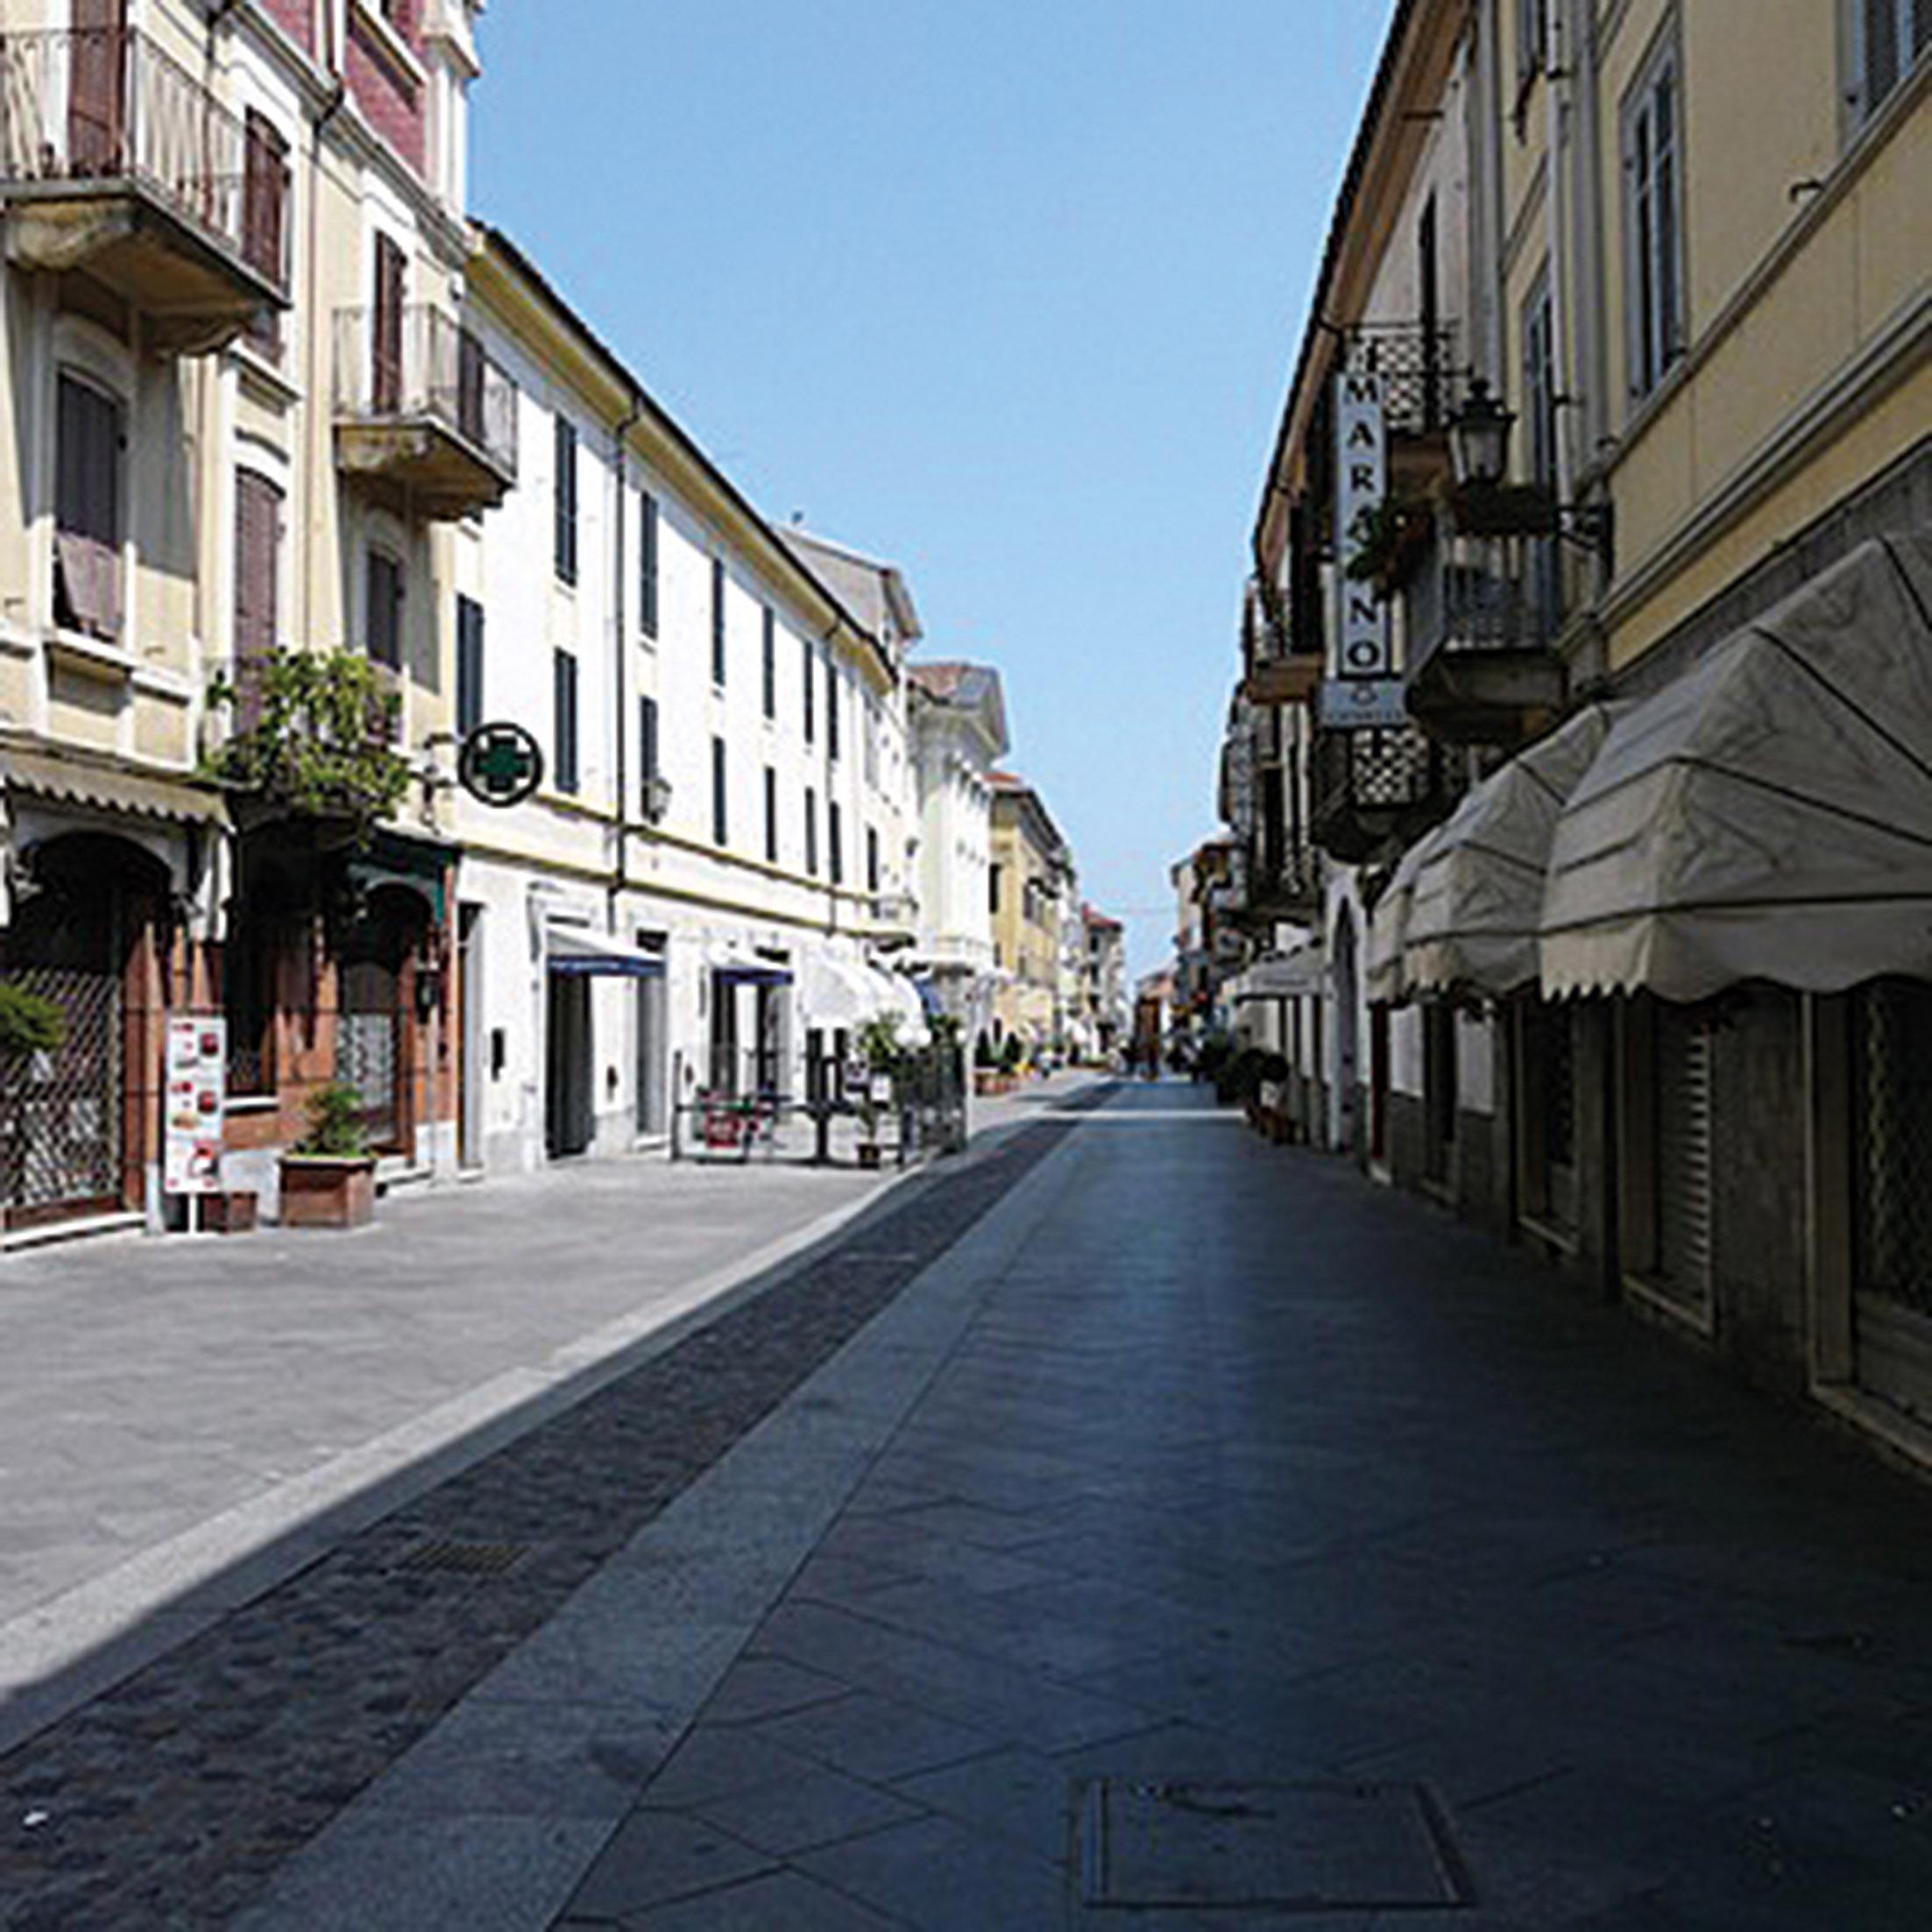 centro storico valenza veduta